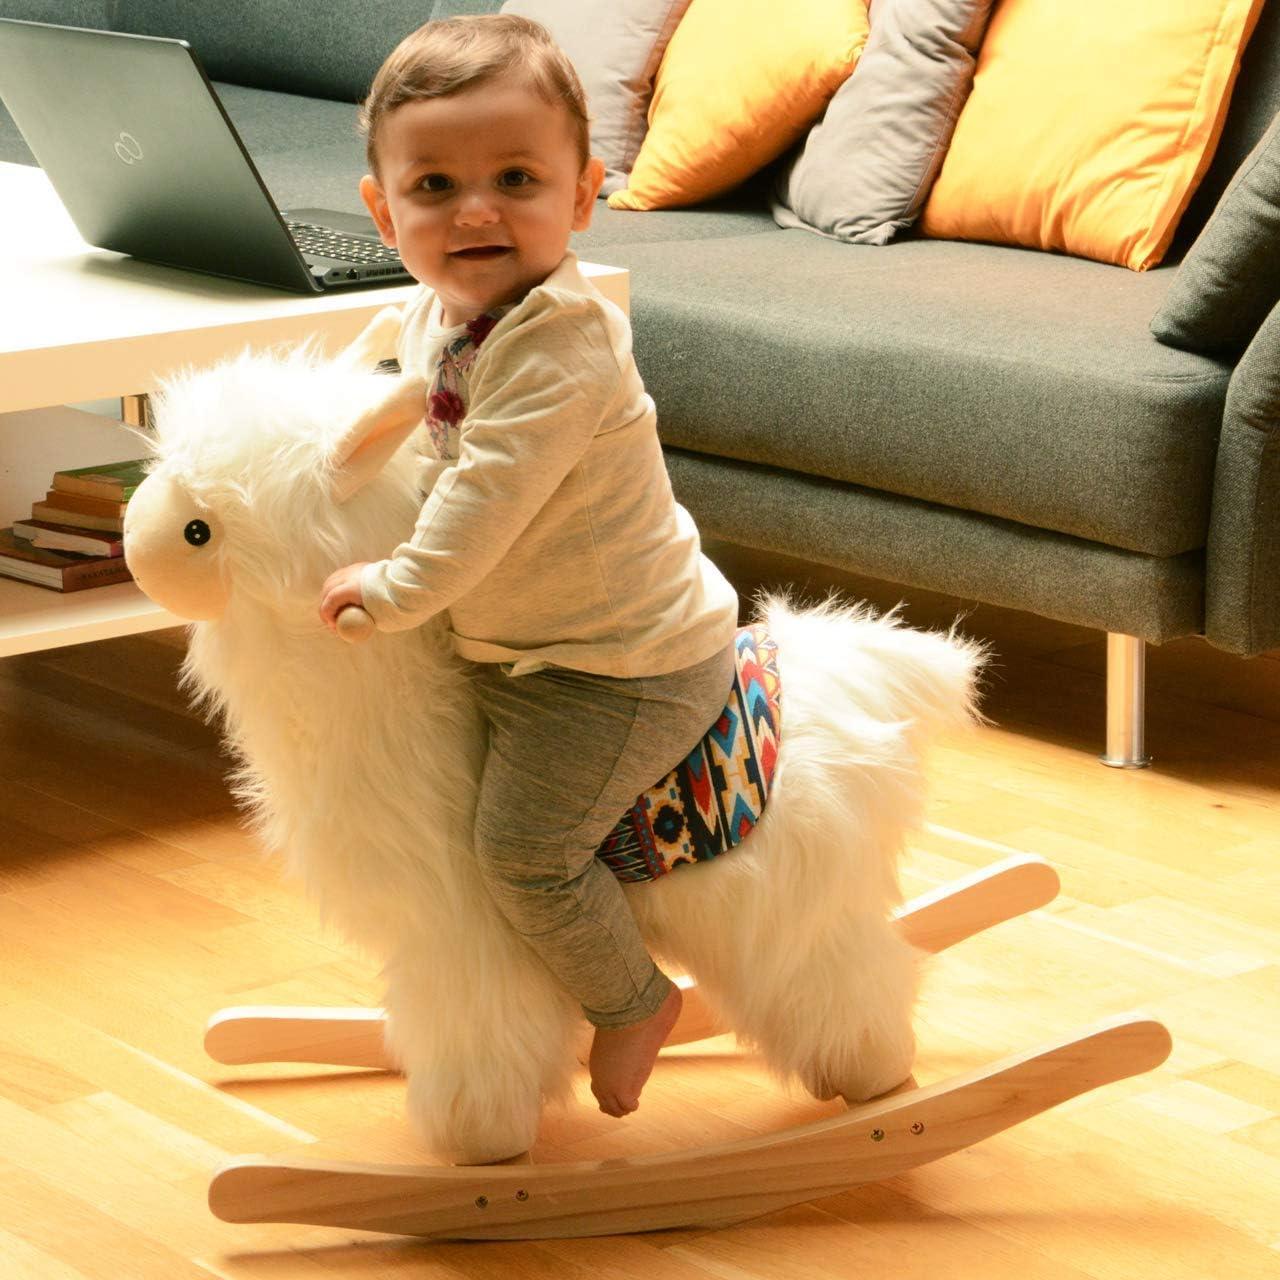 YYSDH Caballo Mecedora del bebé, Juguete del bebé Caballito de Madera Lama Alpaca Abnehmbaren para niños y bebés de 1 año y de Madera 55 Cm Juguetes